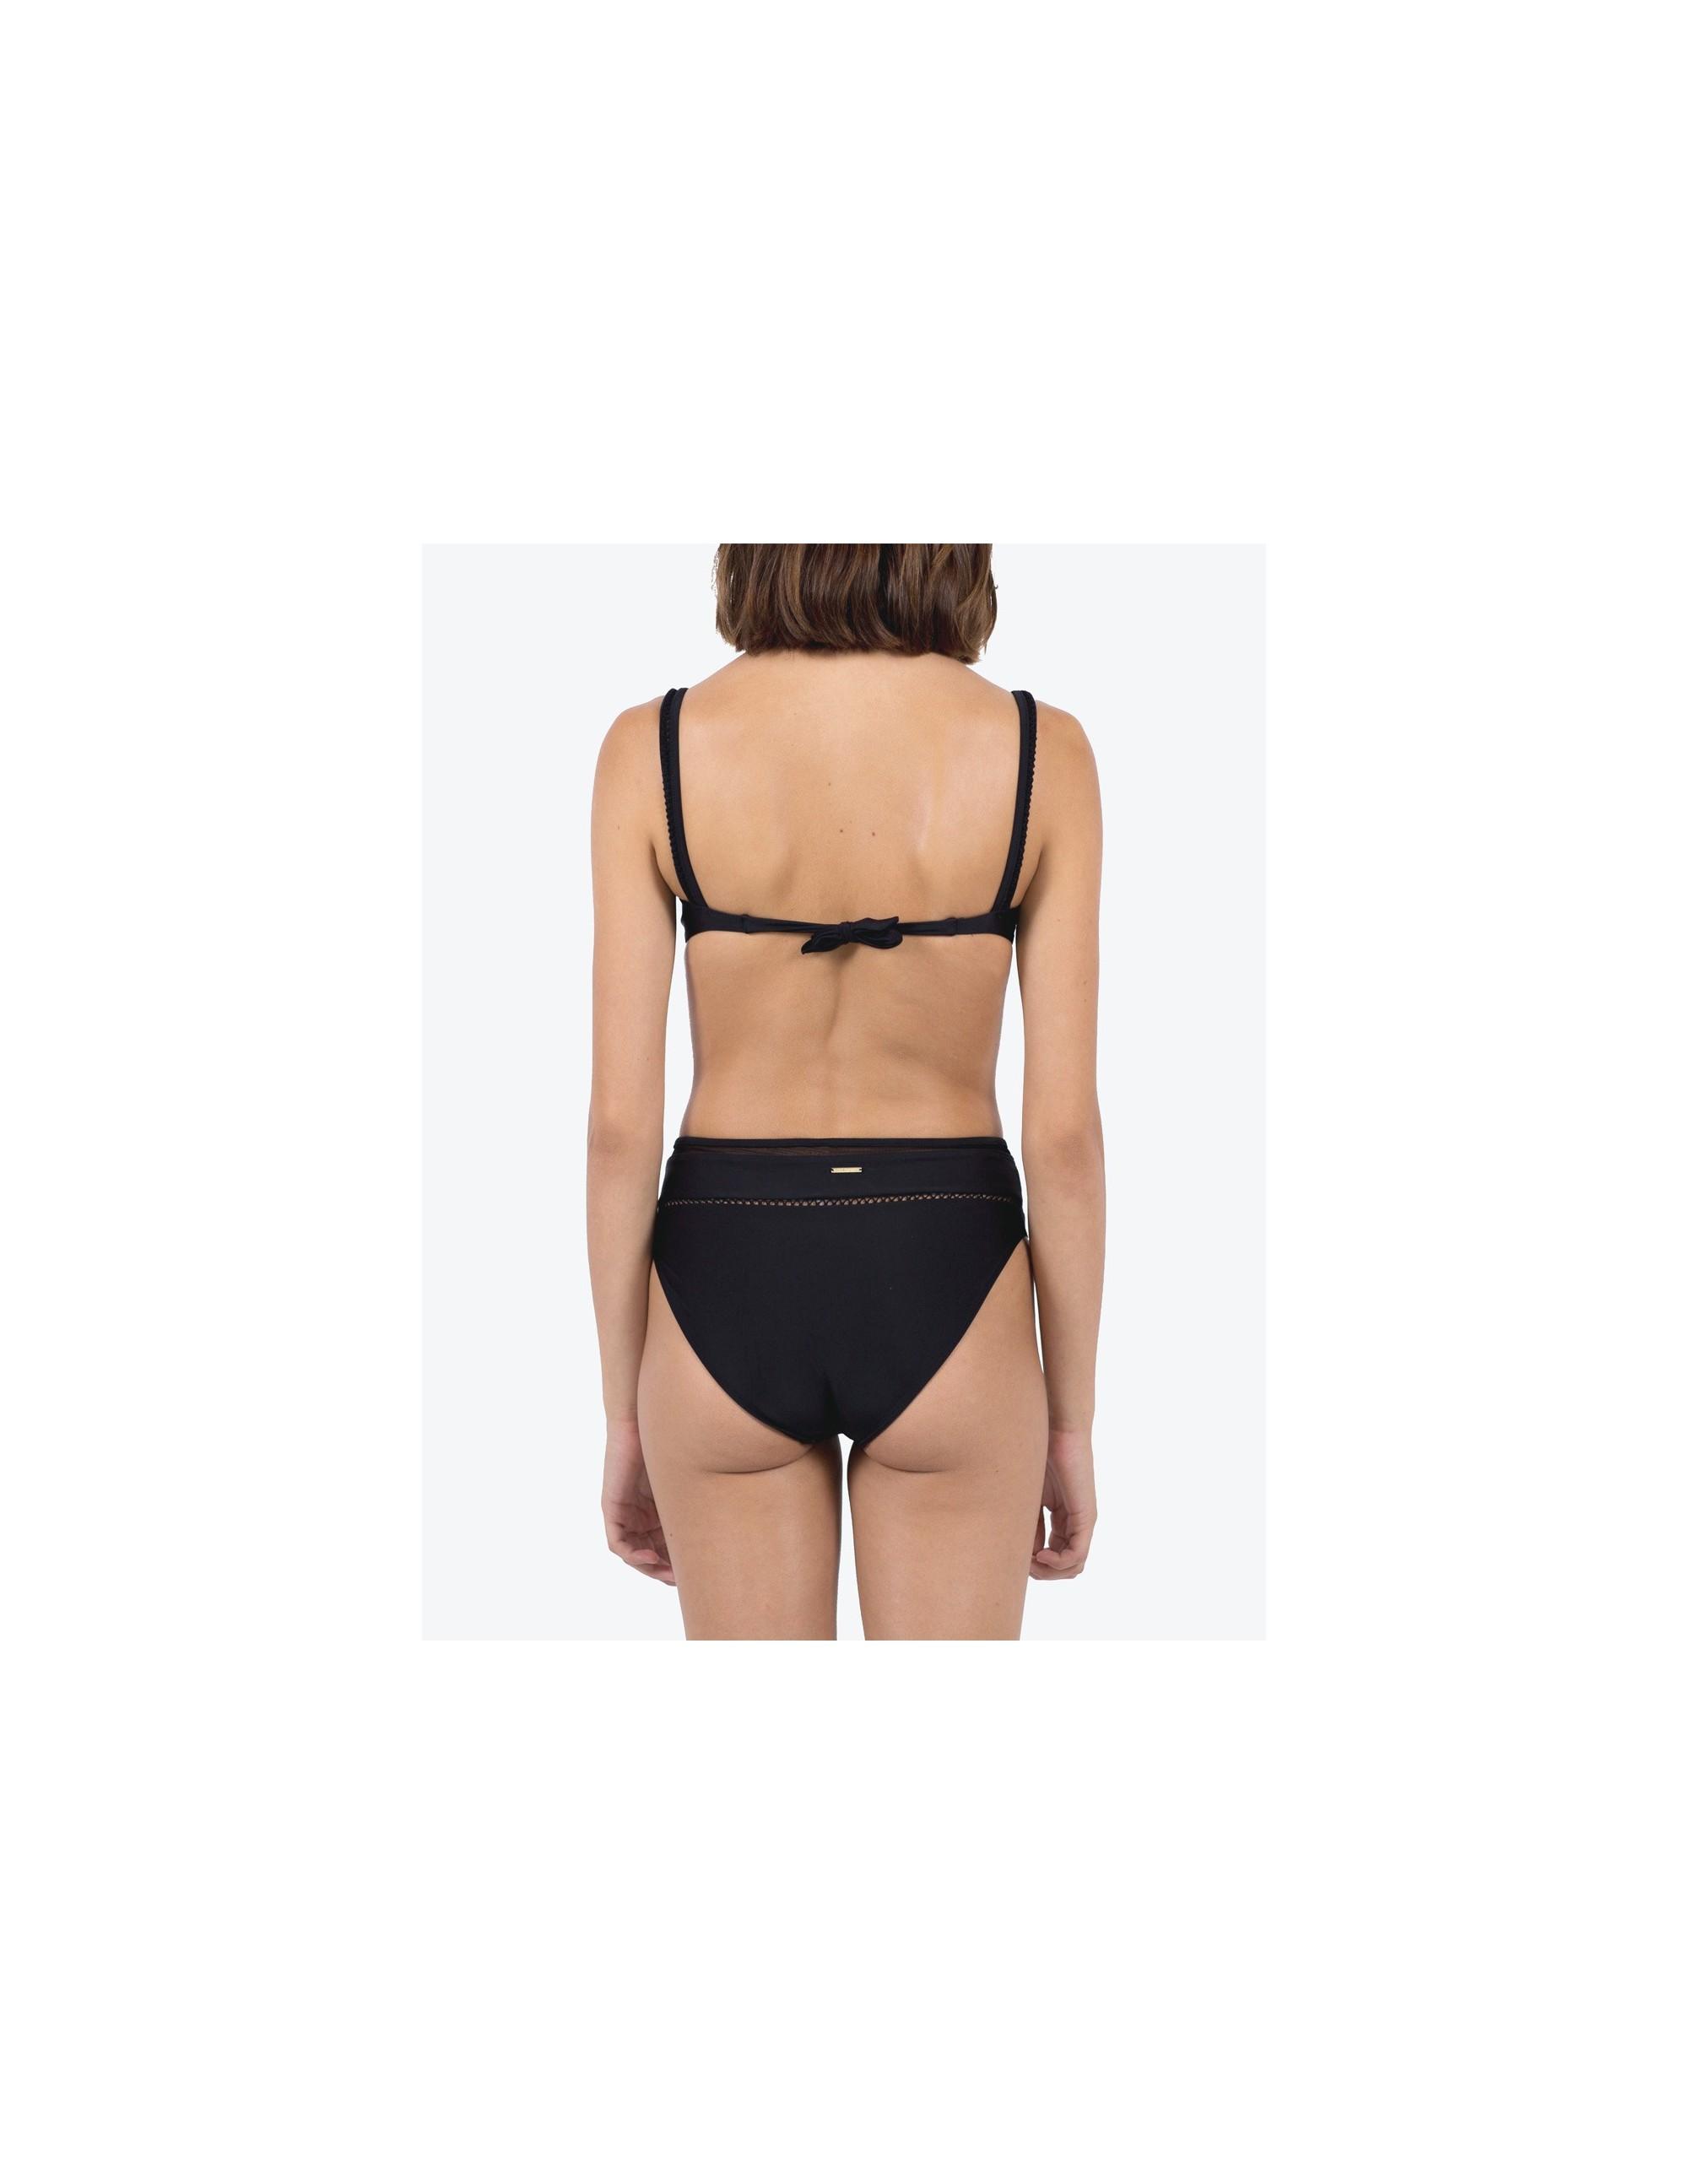 SIMOS bikini top - MATTE BLACK